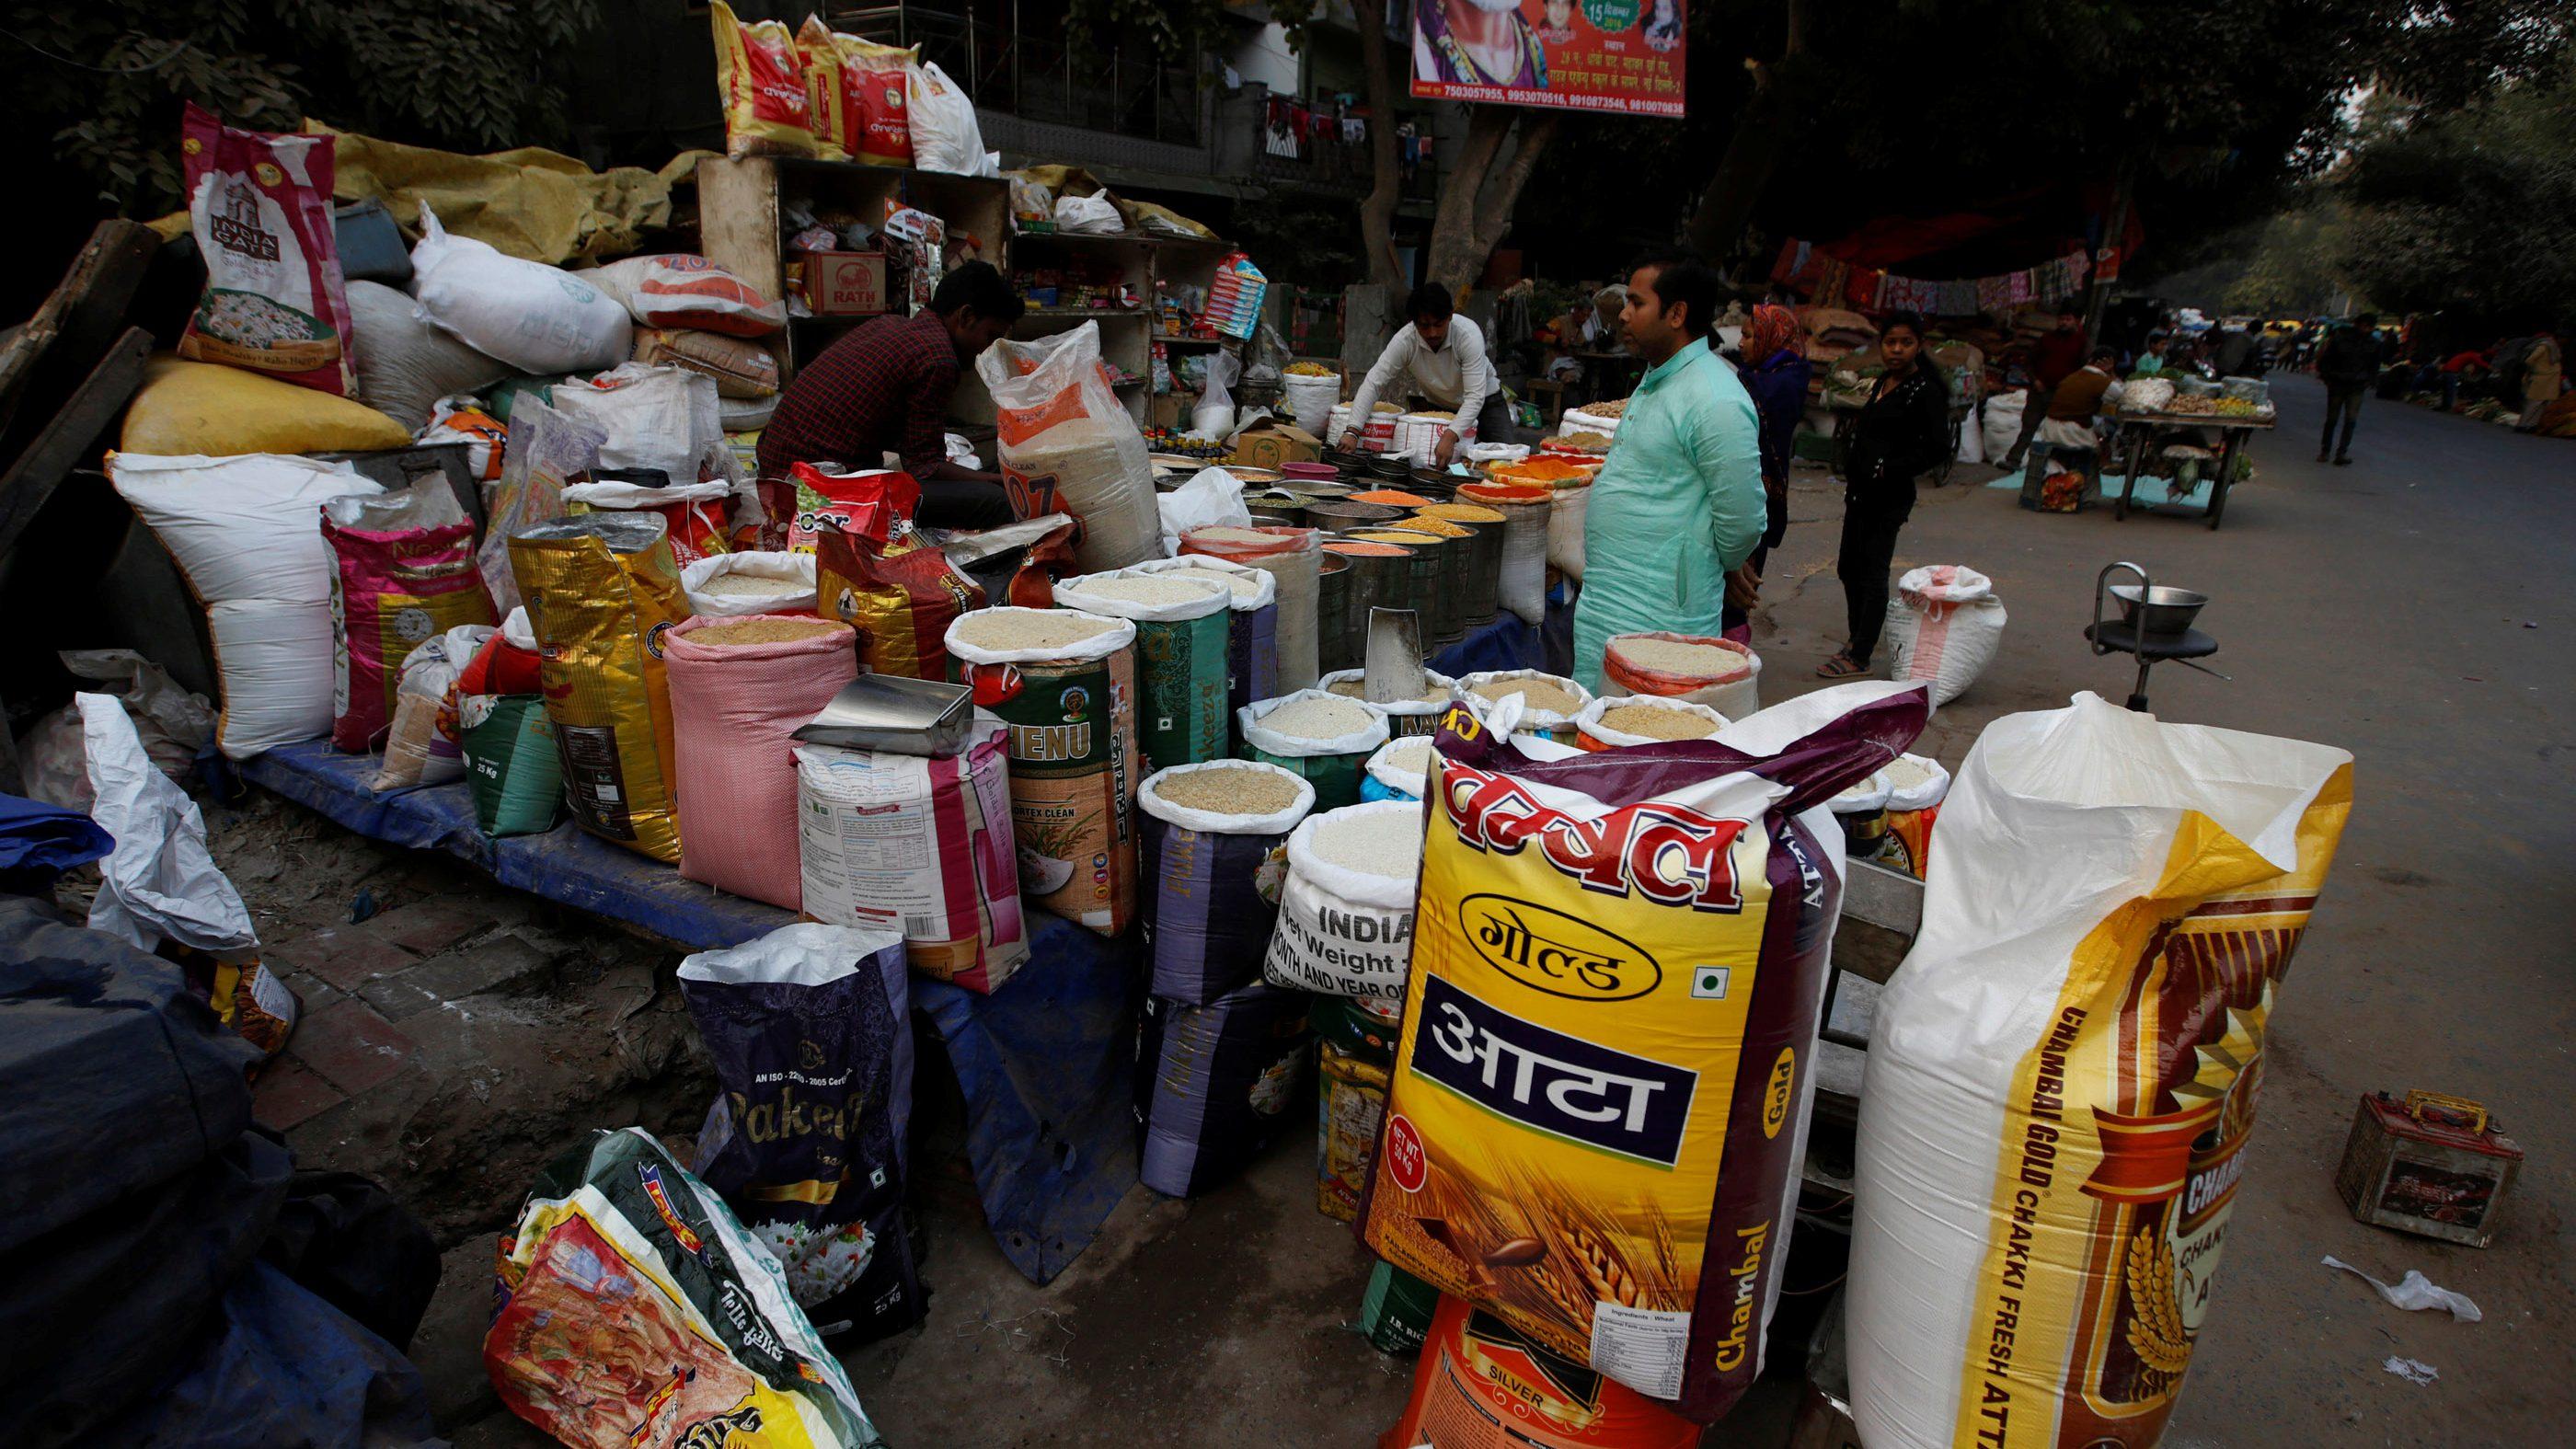 A vendor sells groceries to a customer at his roadside shop in New Delhi